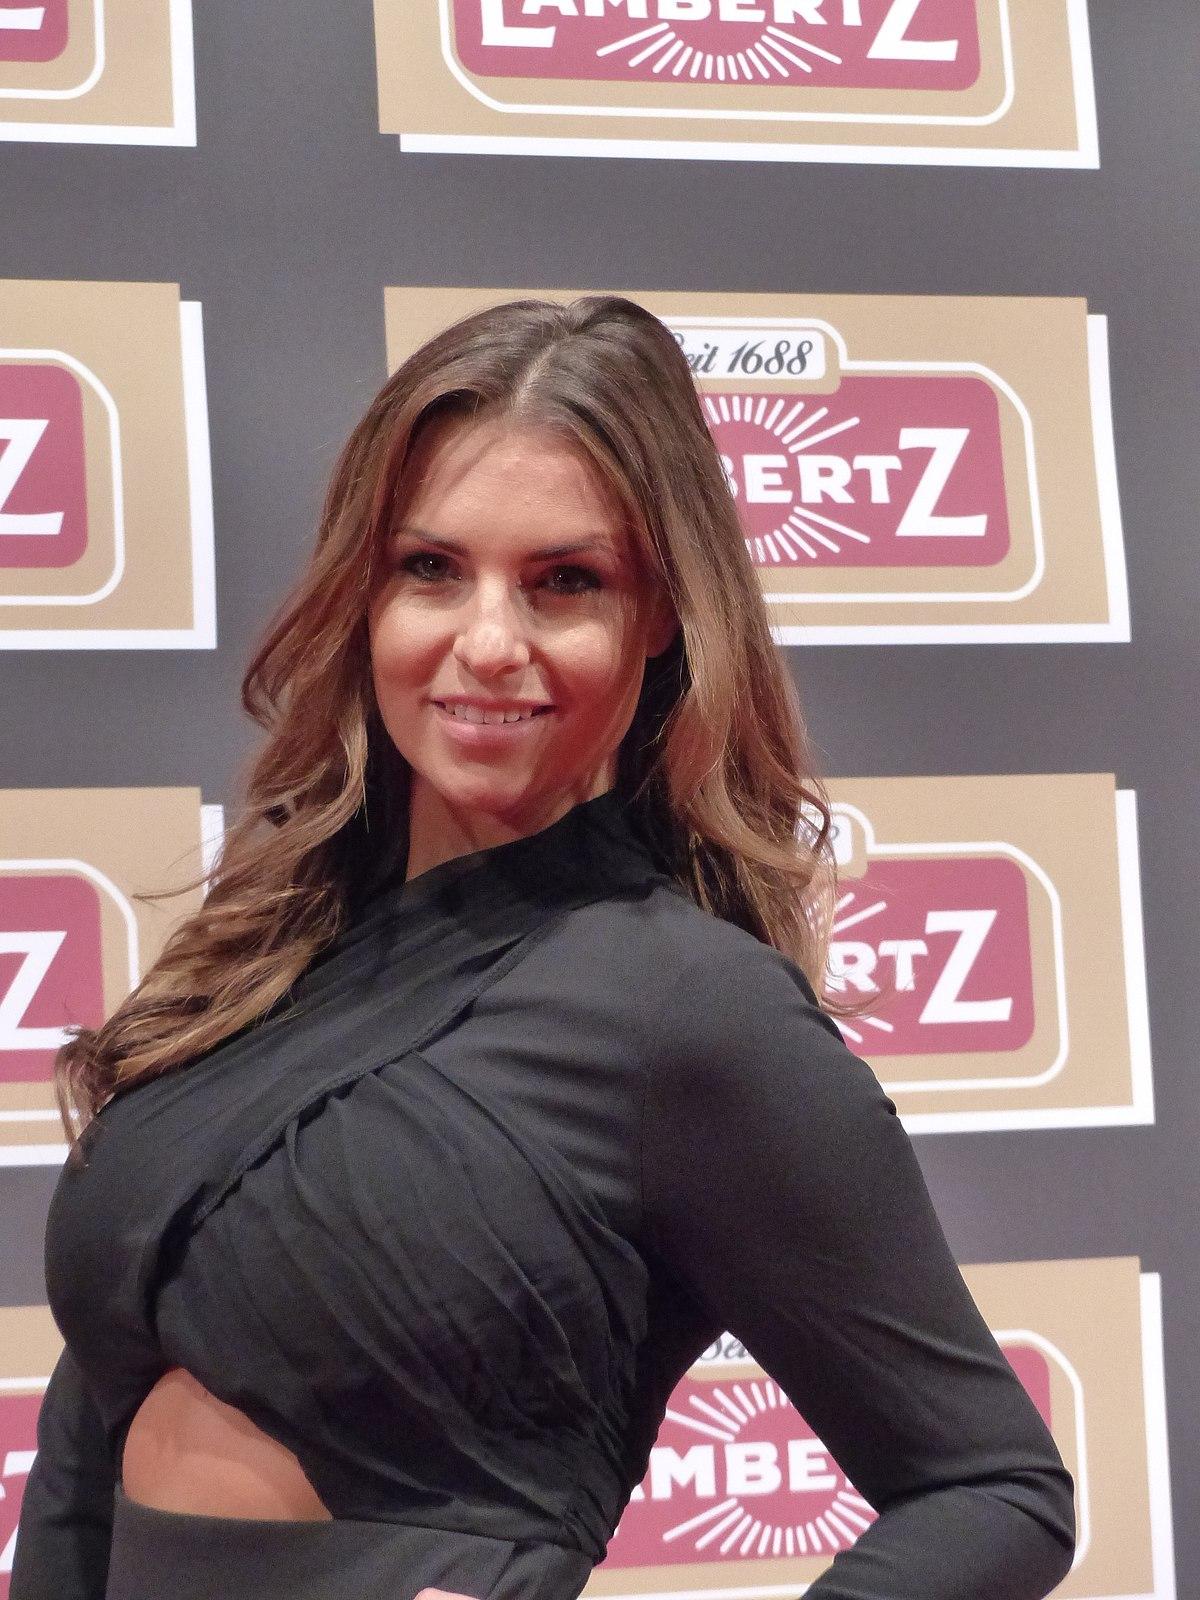 Claudia Deutsche Pornos Spermakloake im Einsatz